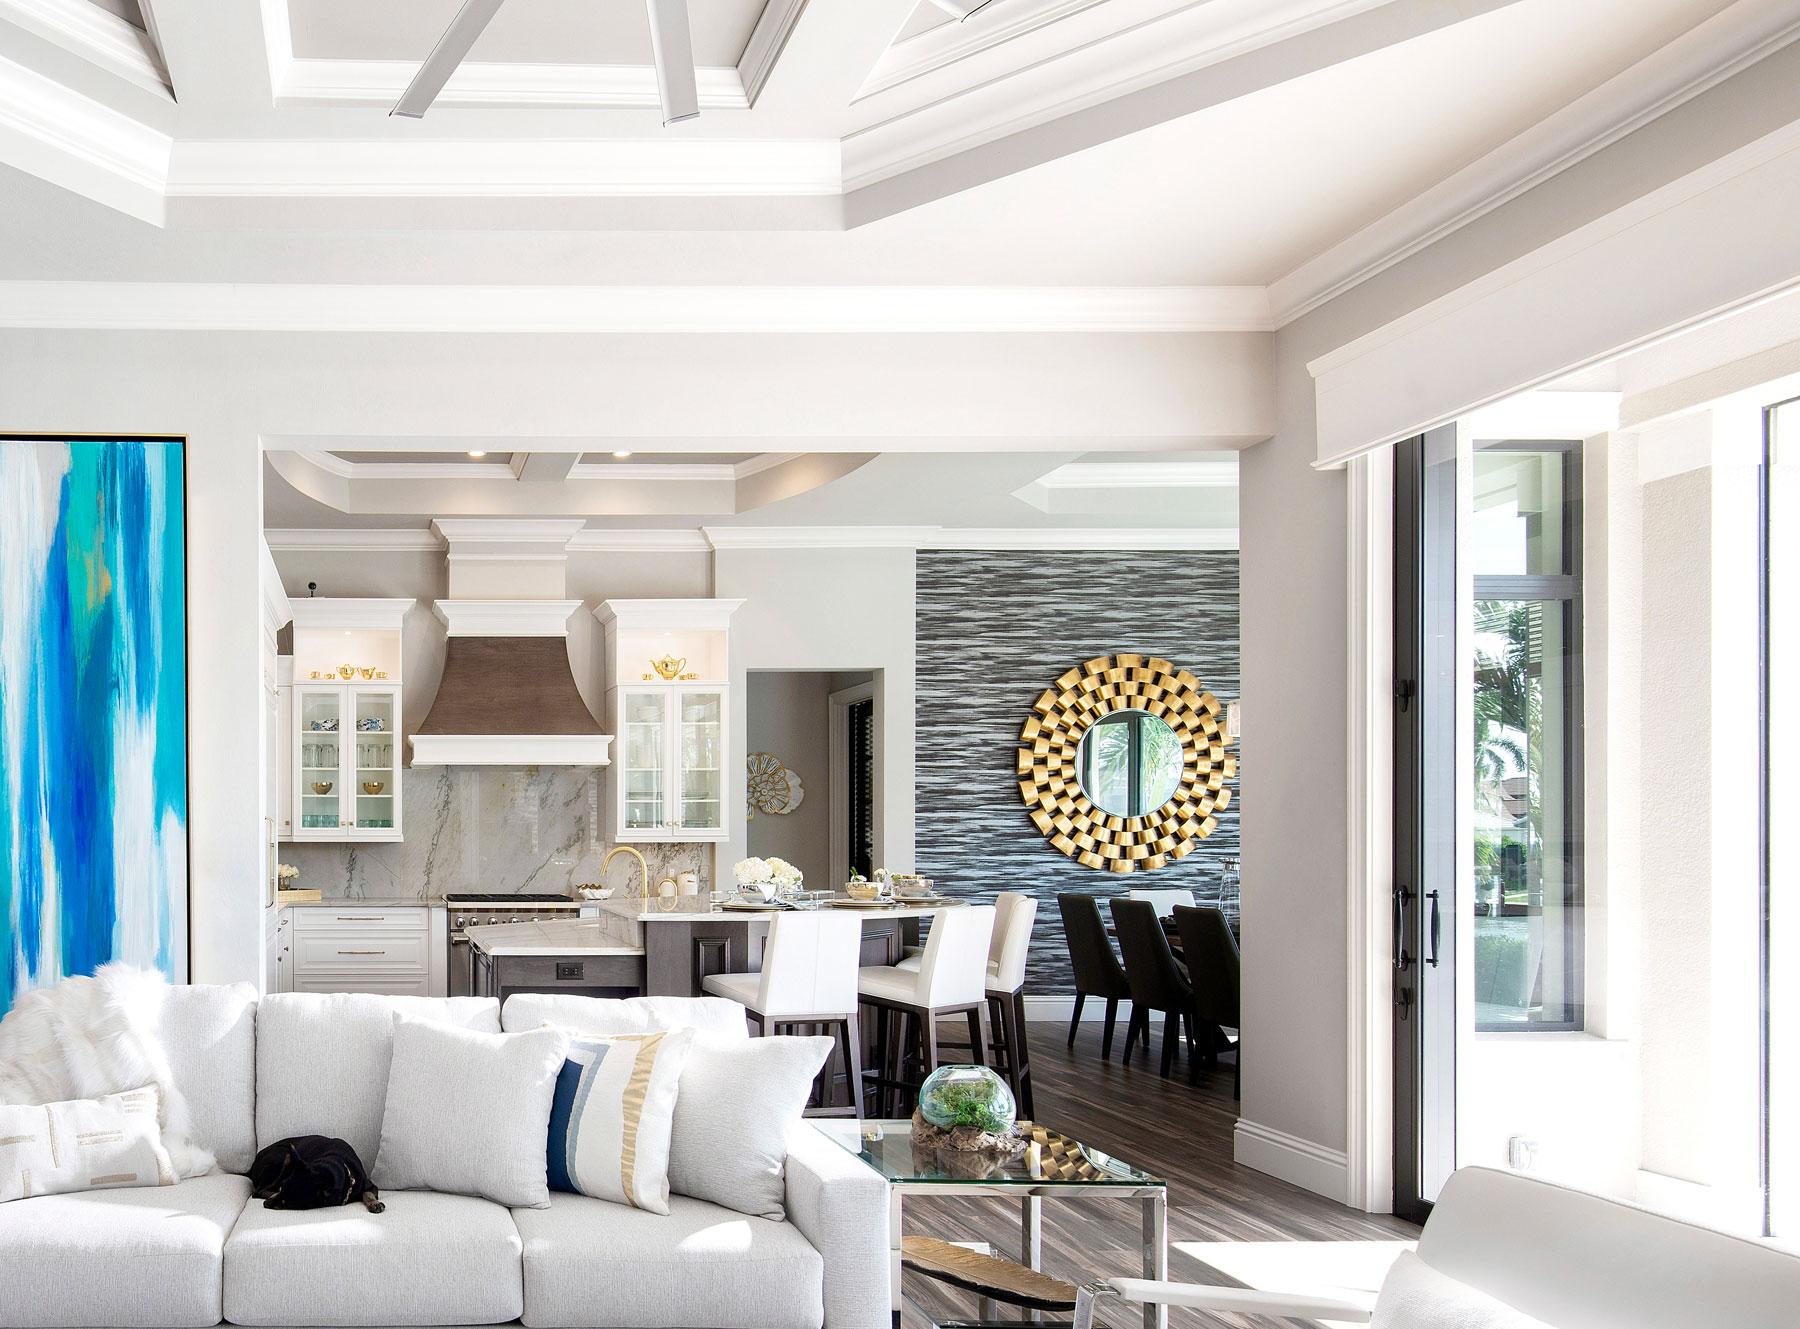 leili-design-living-room-04